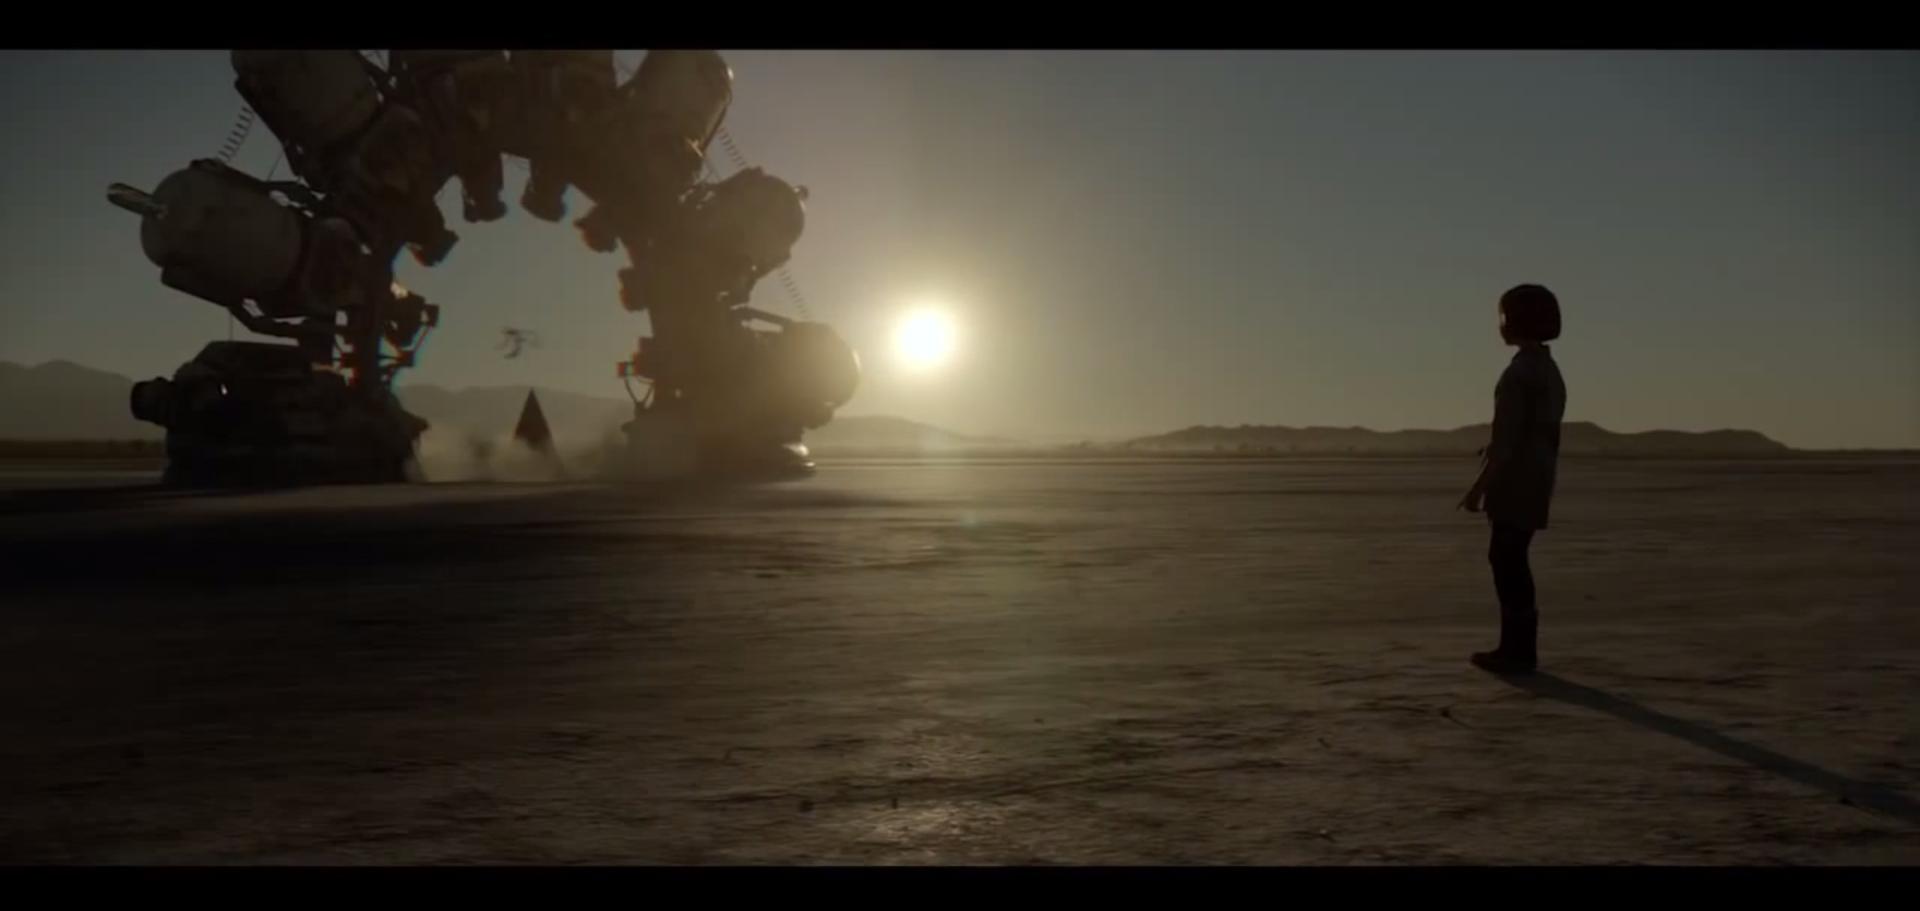 Screen Shot 2014-02-21 at 11.58.48 AM.png